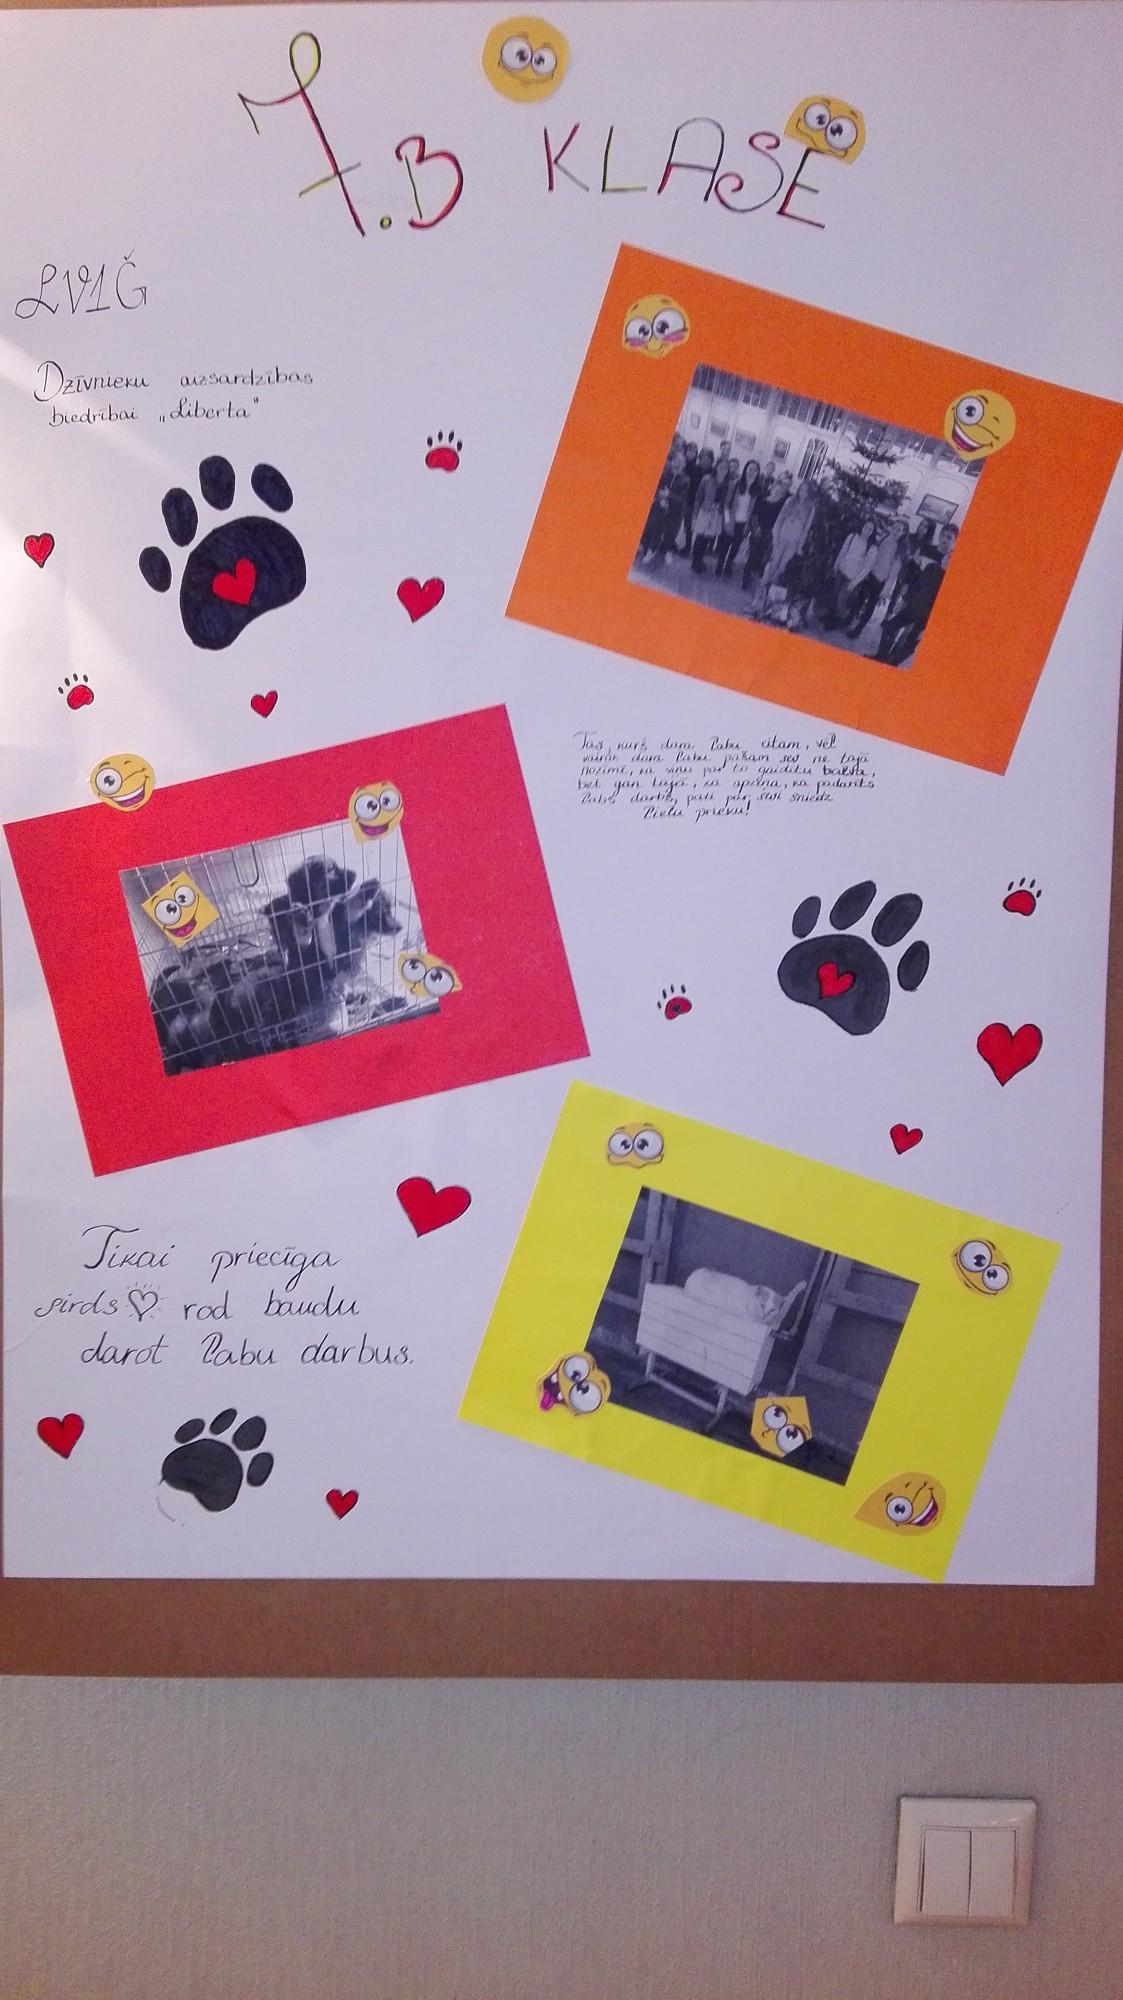 Draudzīgākās 7. klases darina plakātus par aizvadīto pirmo semestri